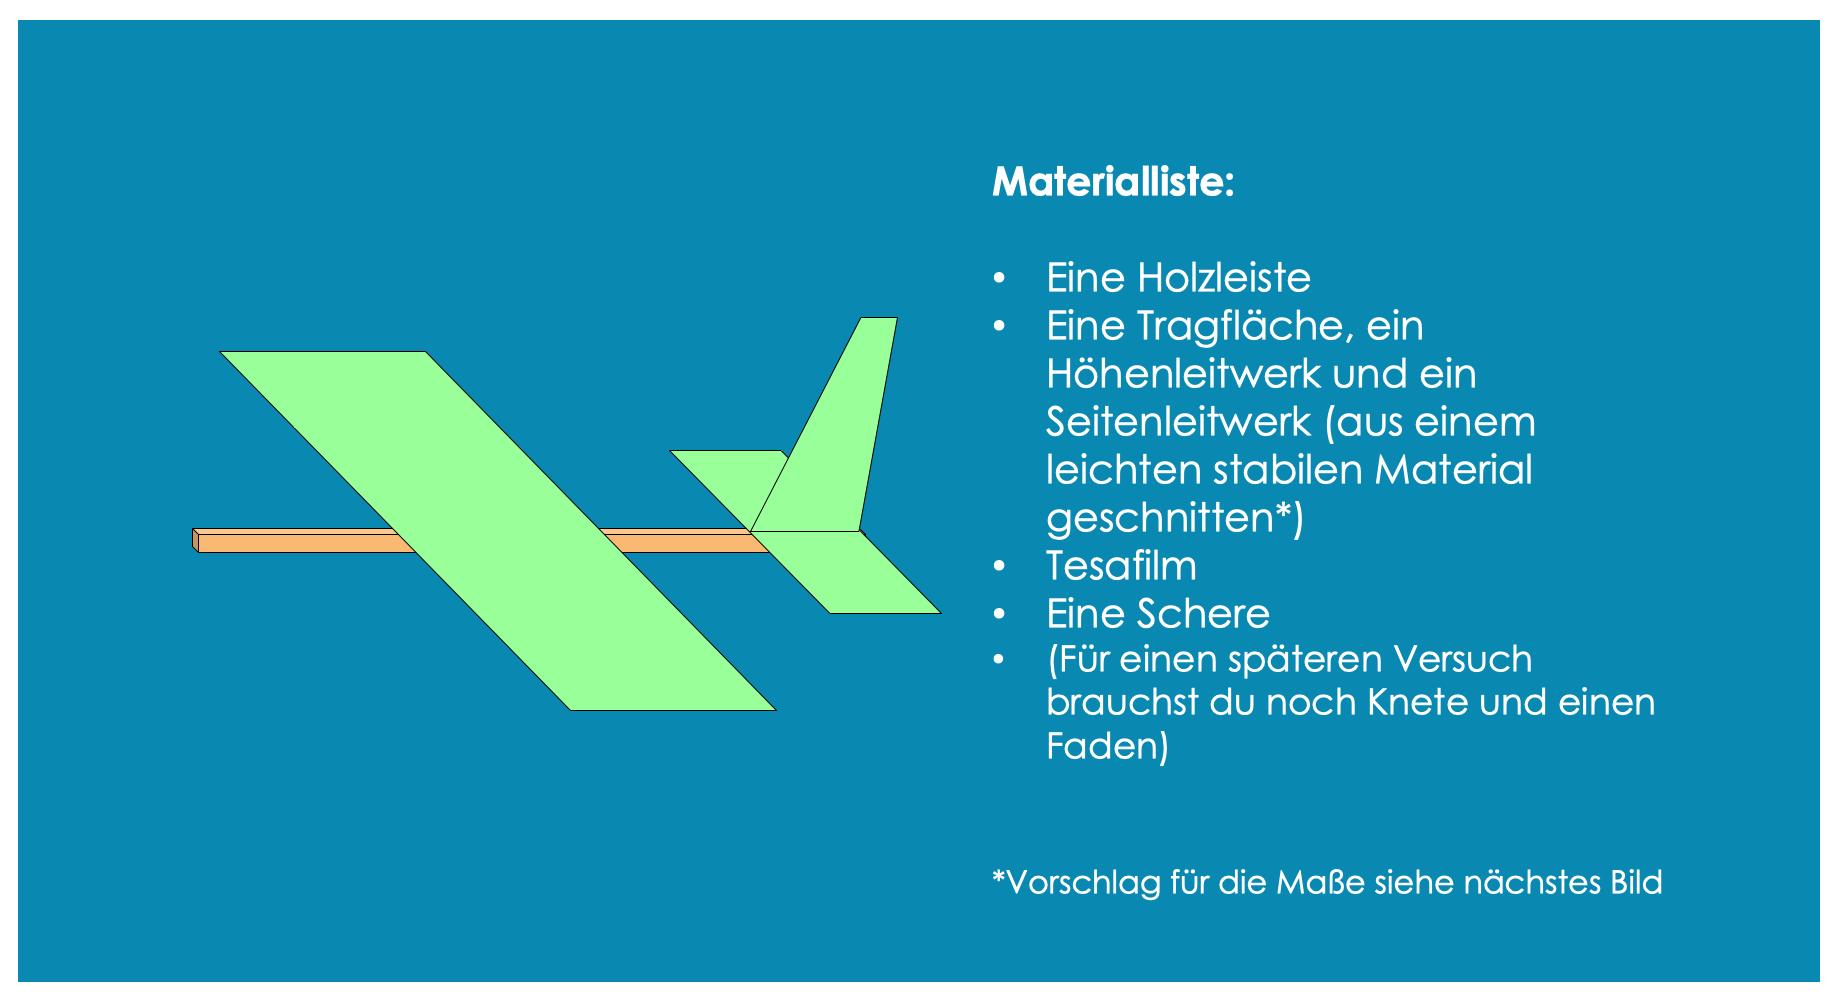 Flieger Materialliste